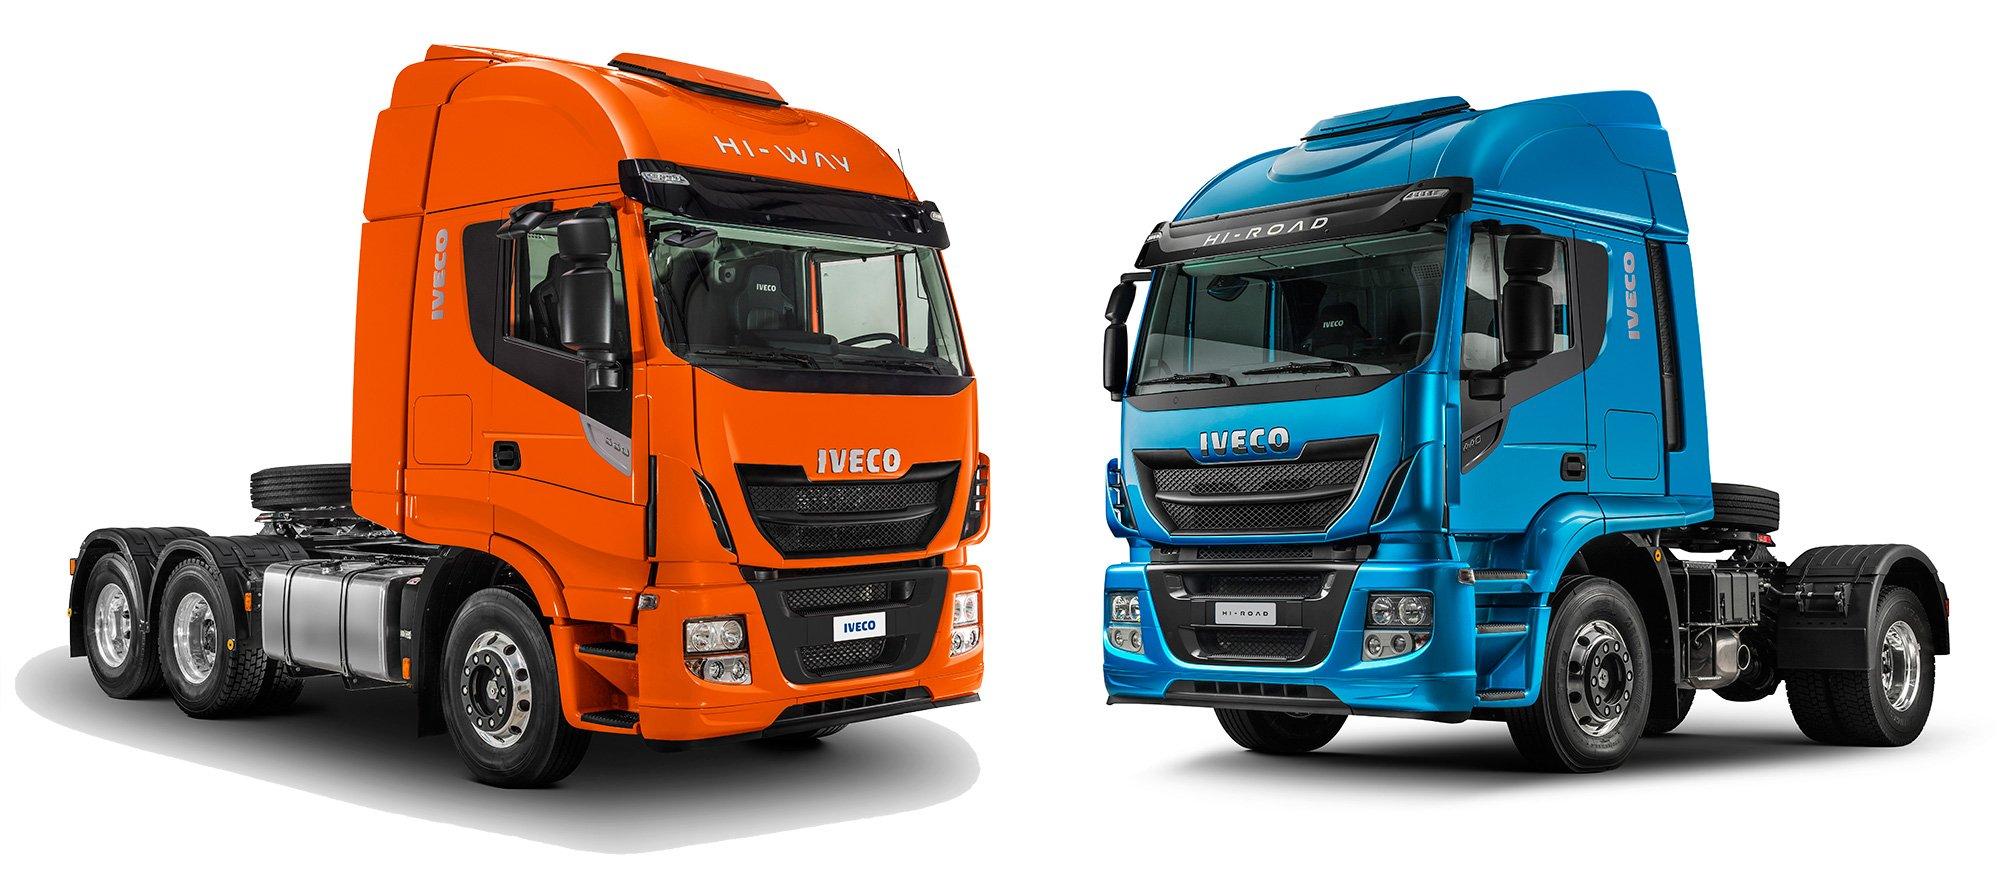 Iveco apresenta seus novos caminhões pesados conectados